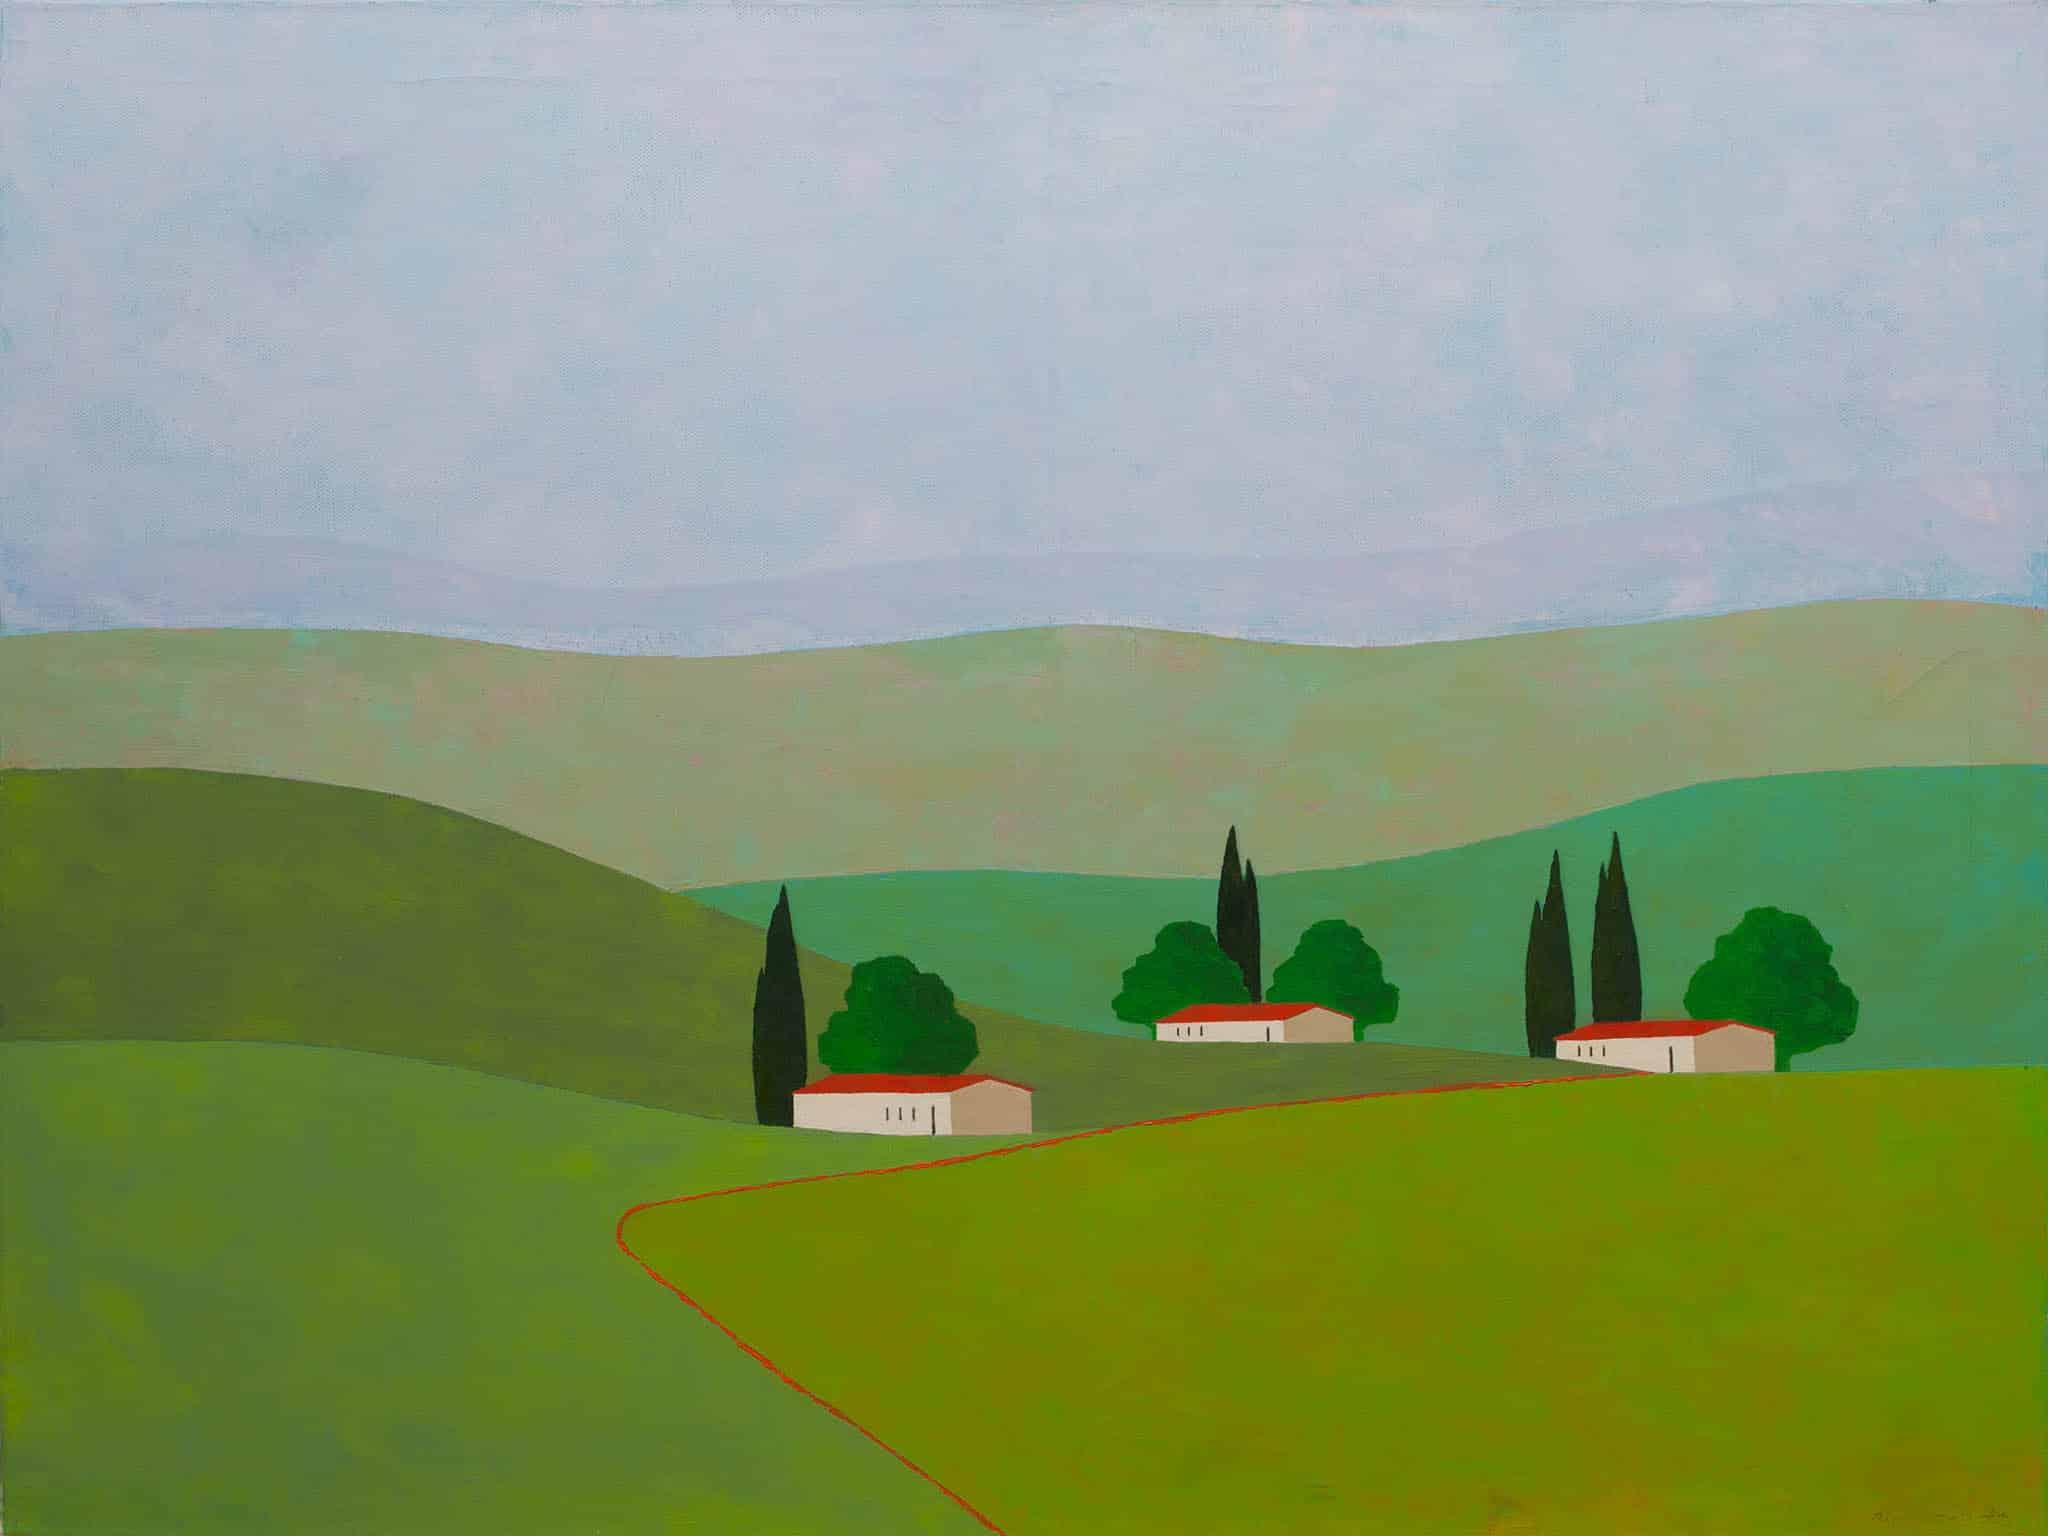 """איצו רימר, """"יבניאל"""", 2012, שמן על בד, 80x60 ס""""מ"""